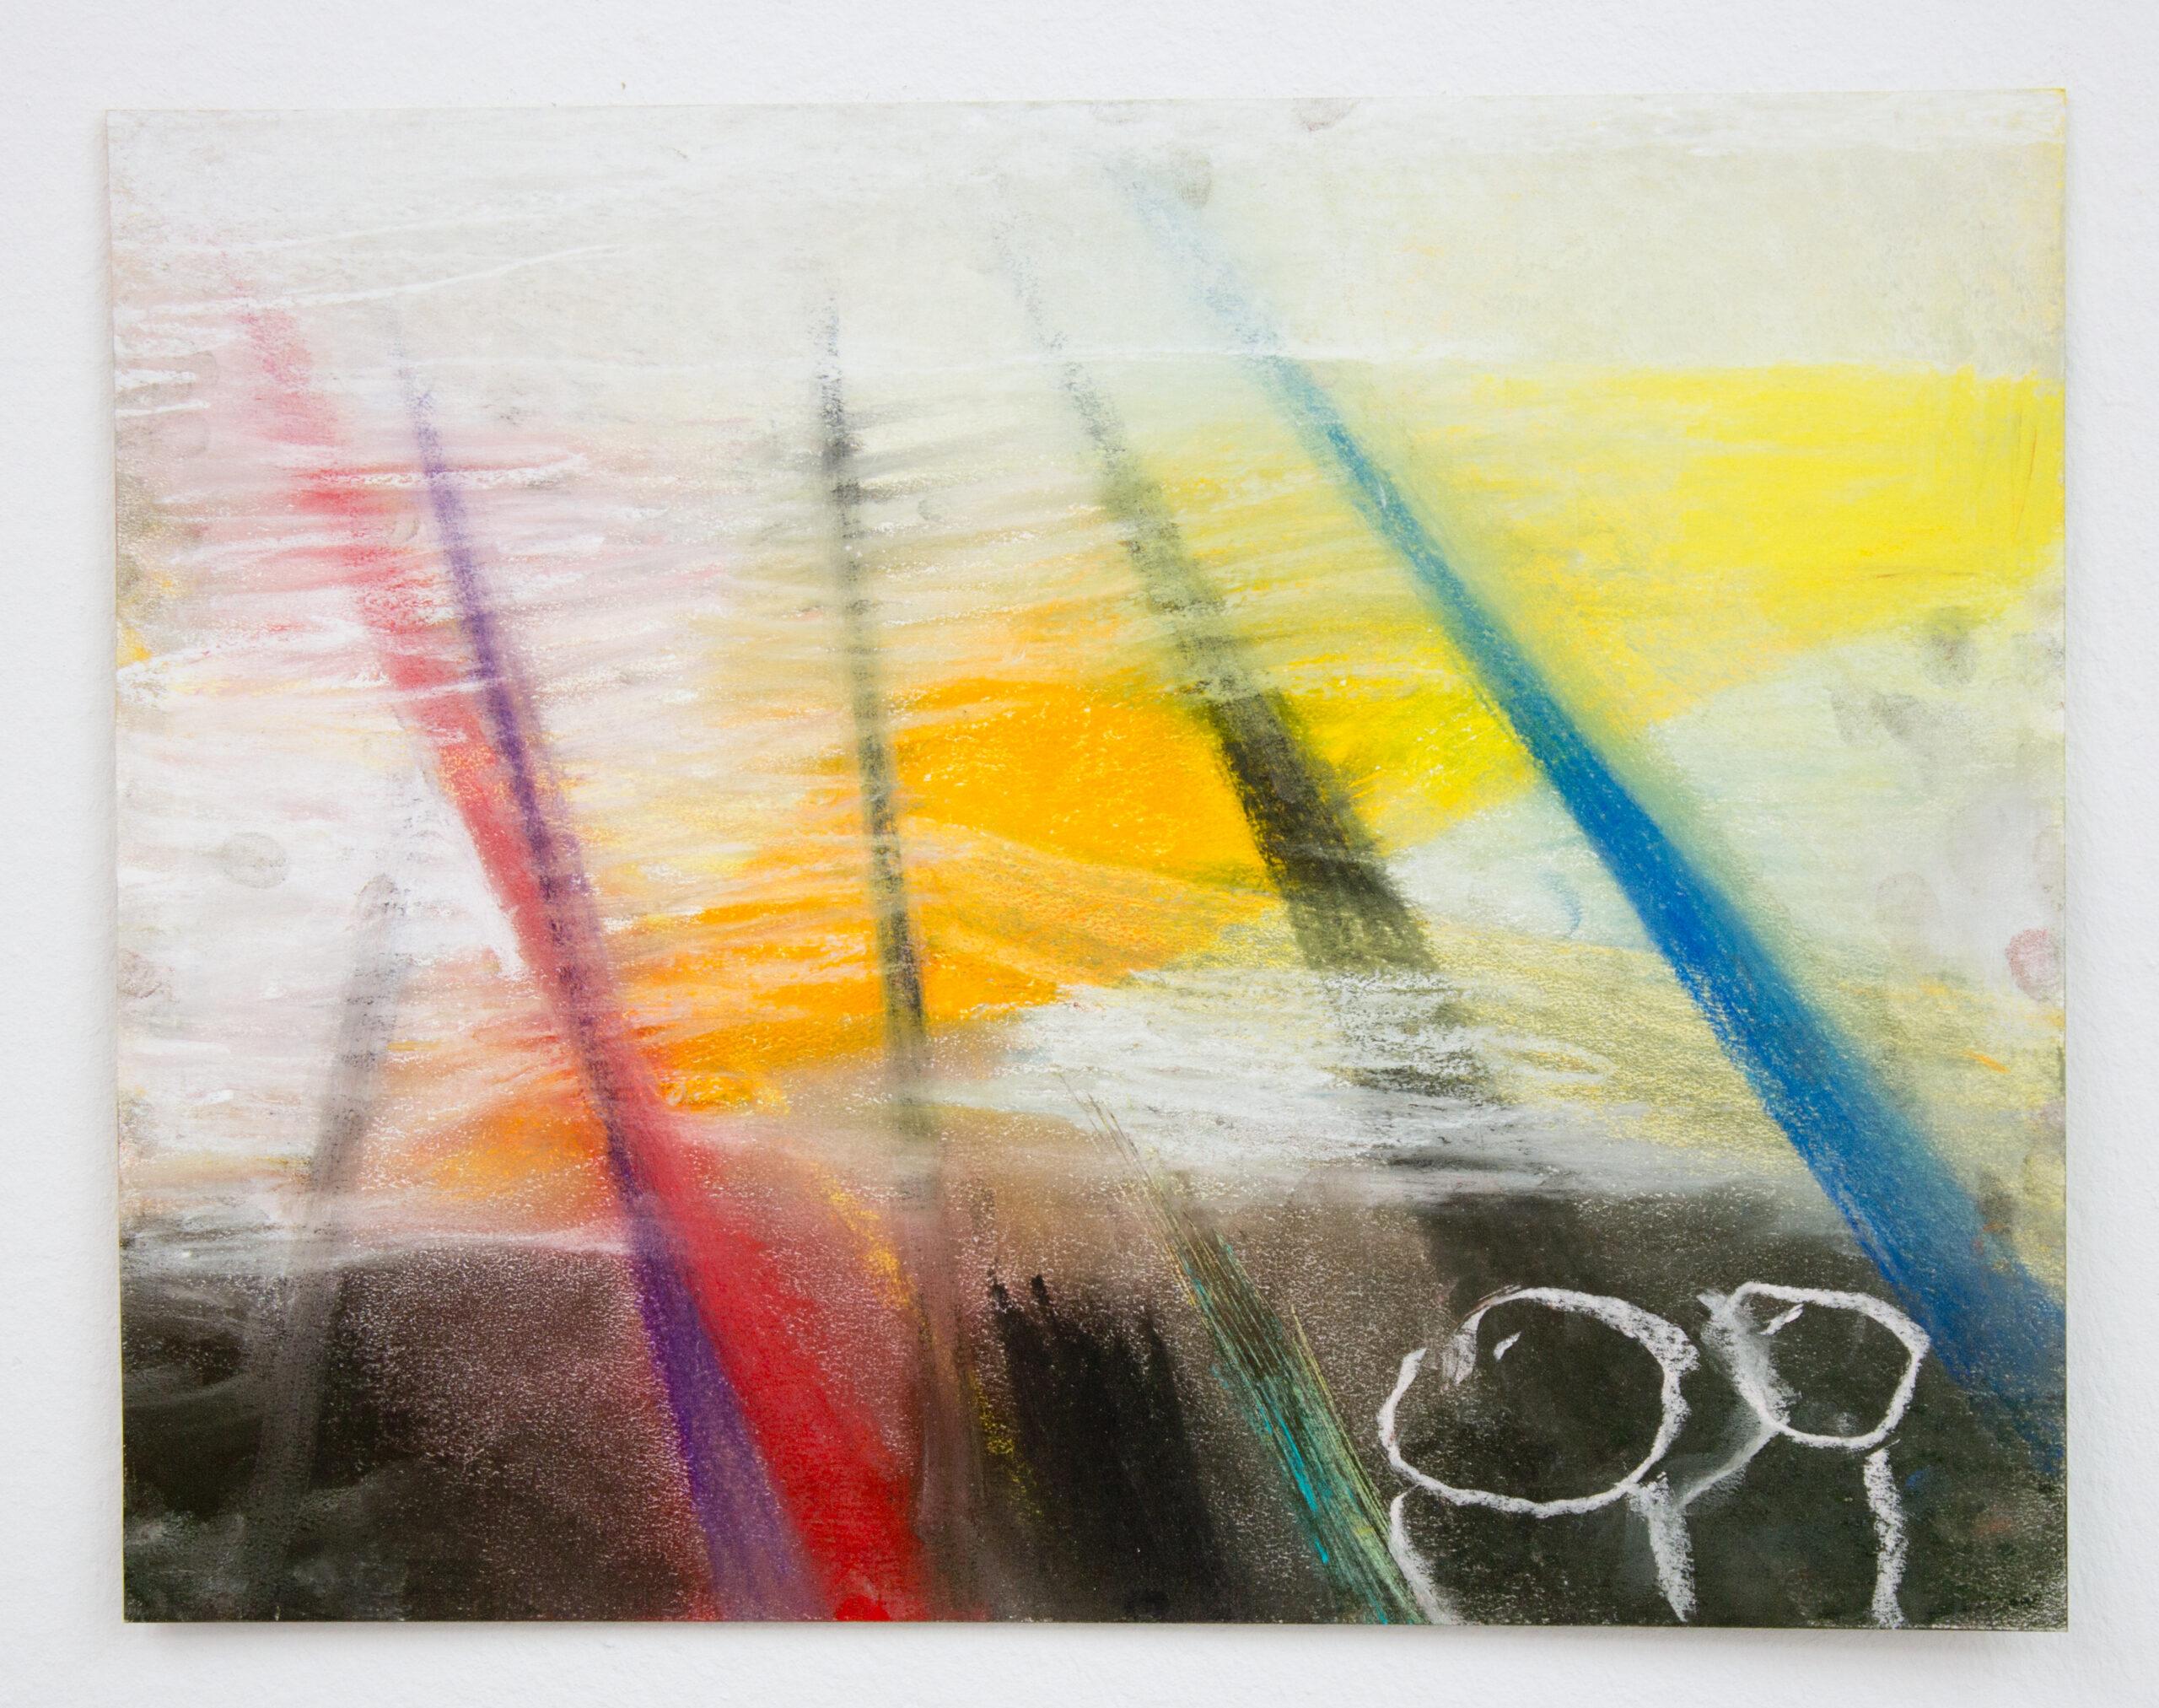 Miriam Cahn, Beschuss, 2011